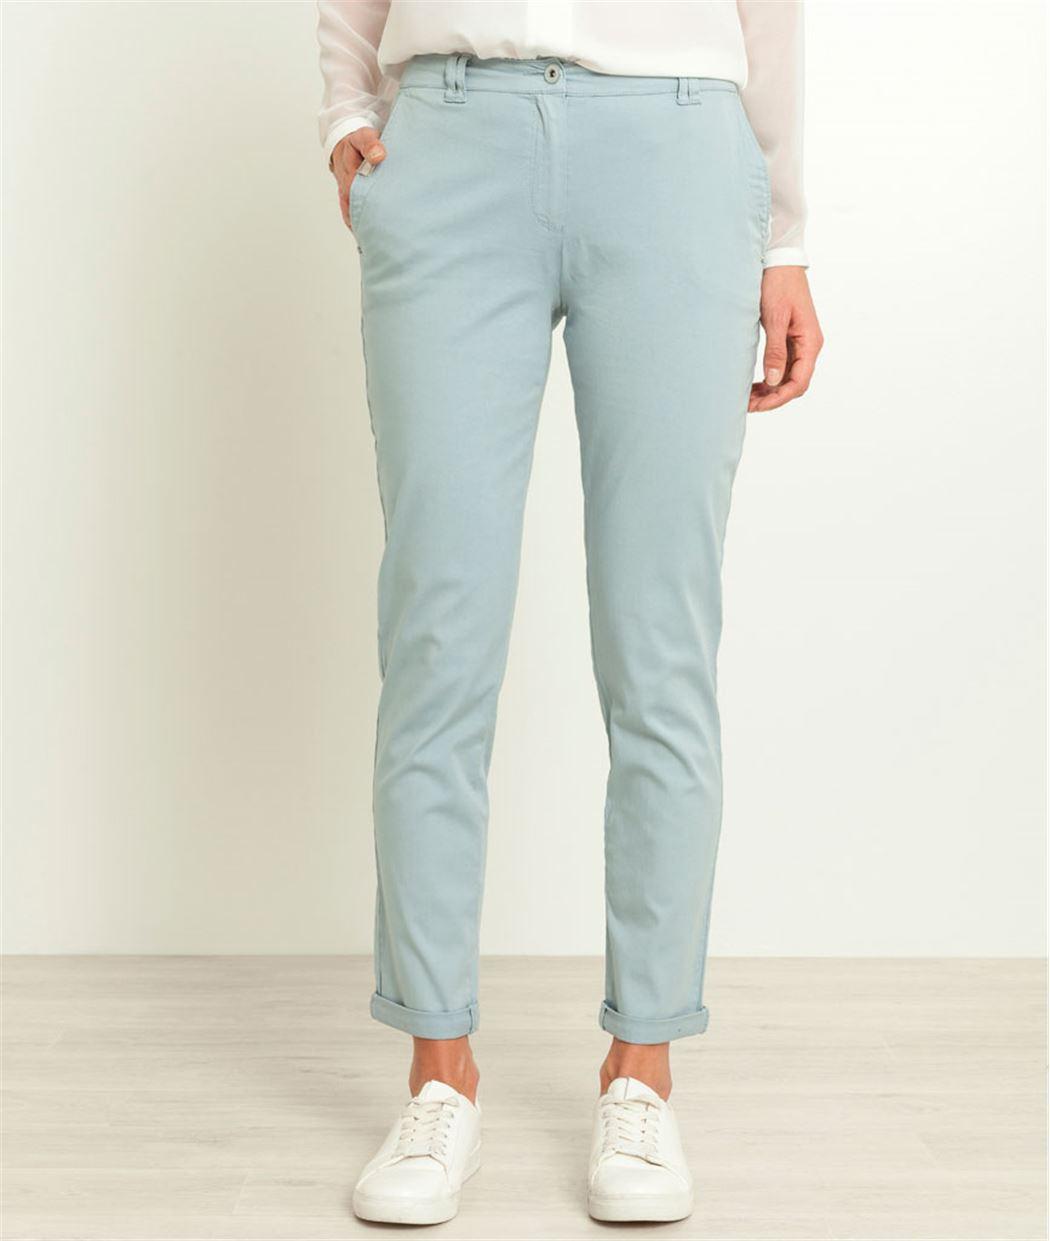 Pantalon femme chino BLEU CIEL